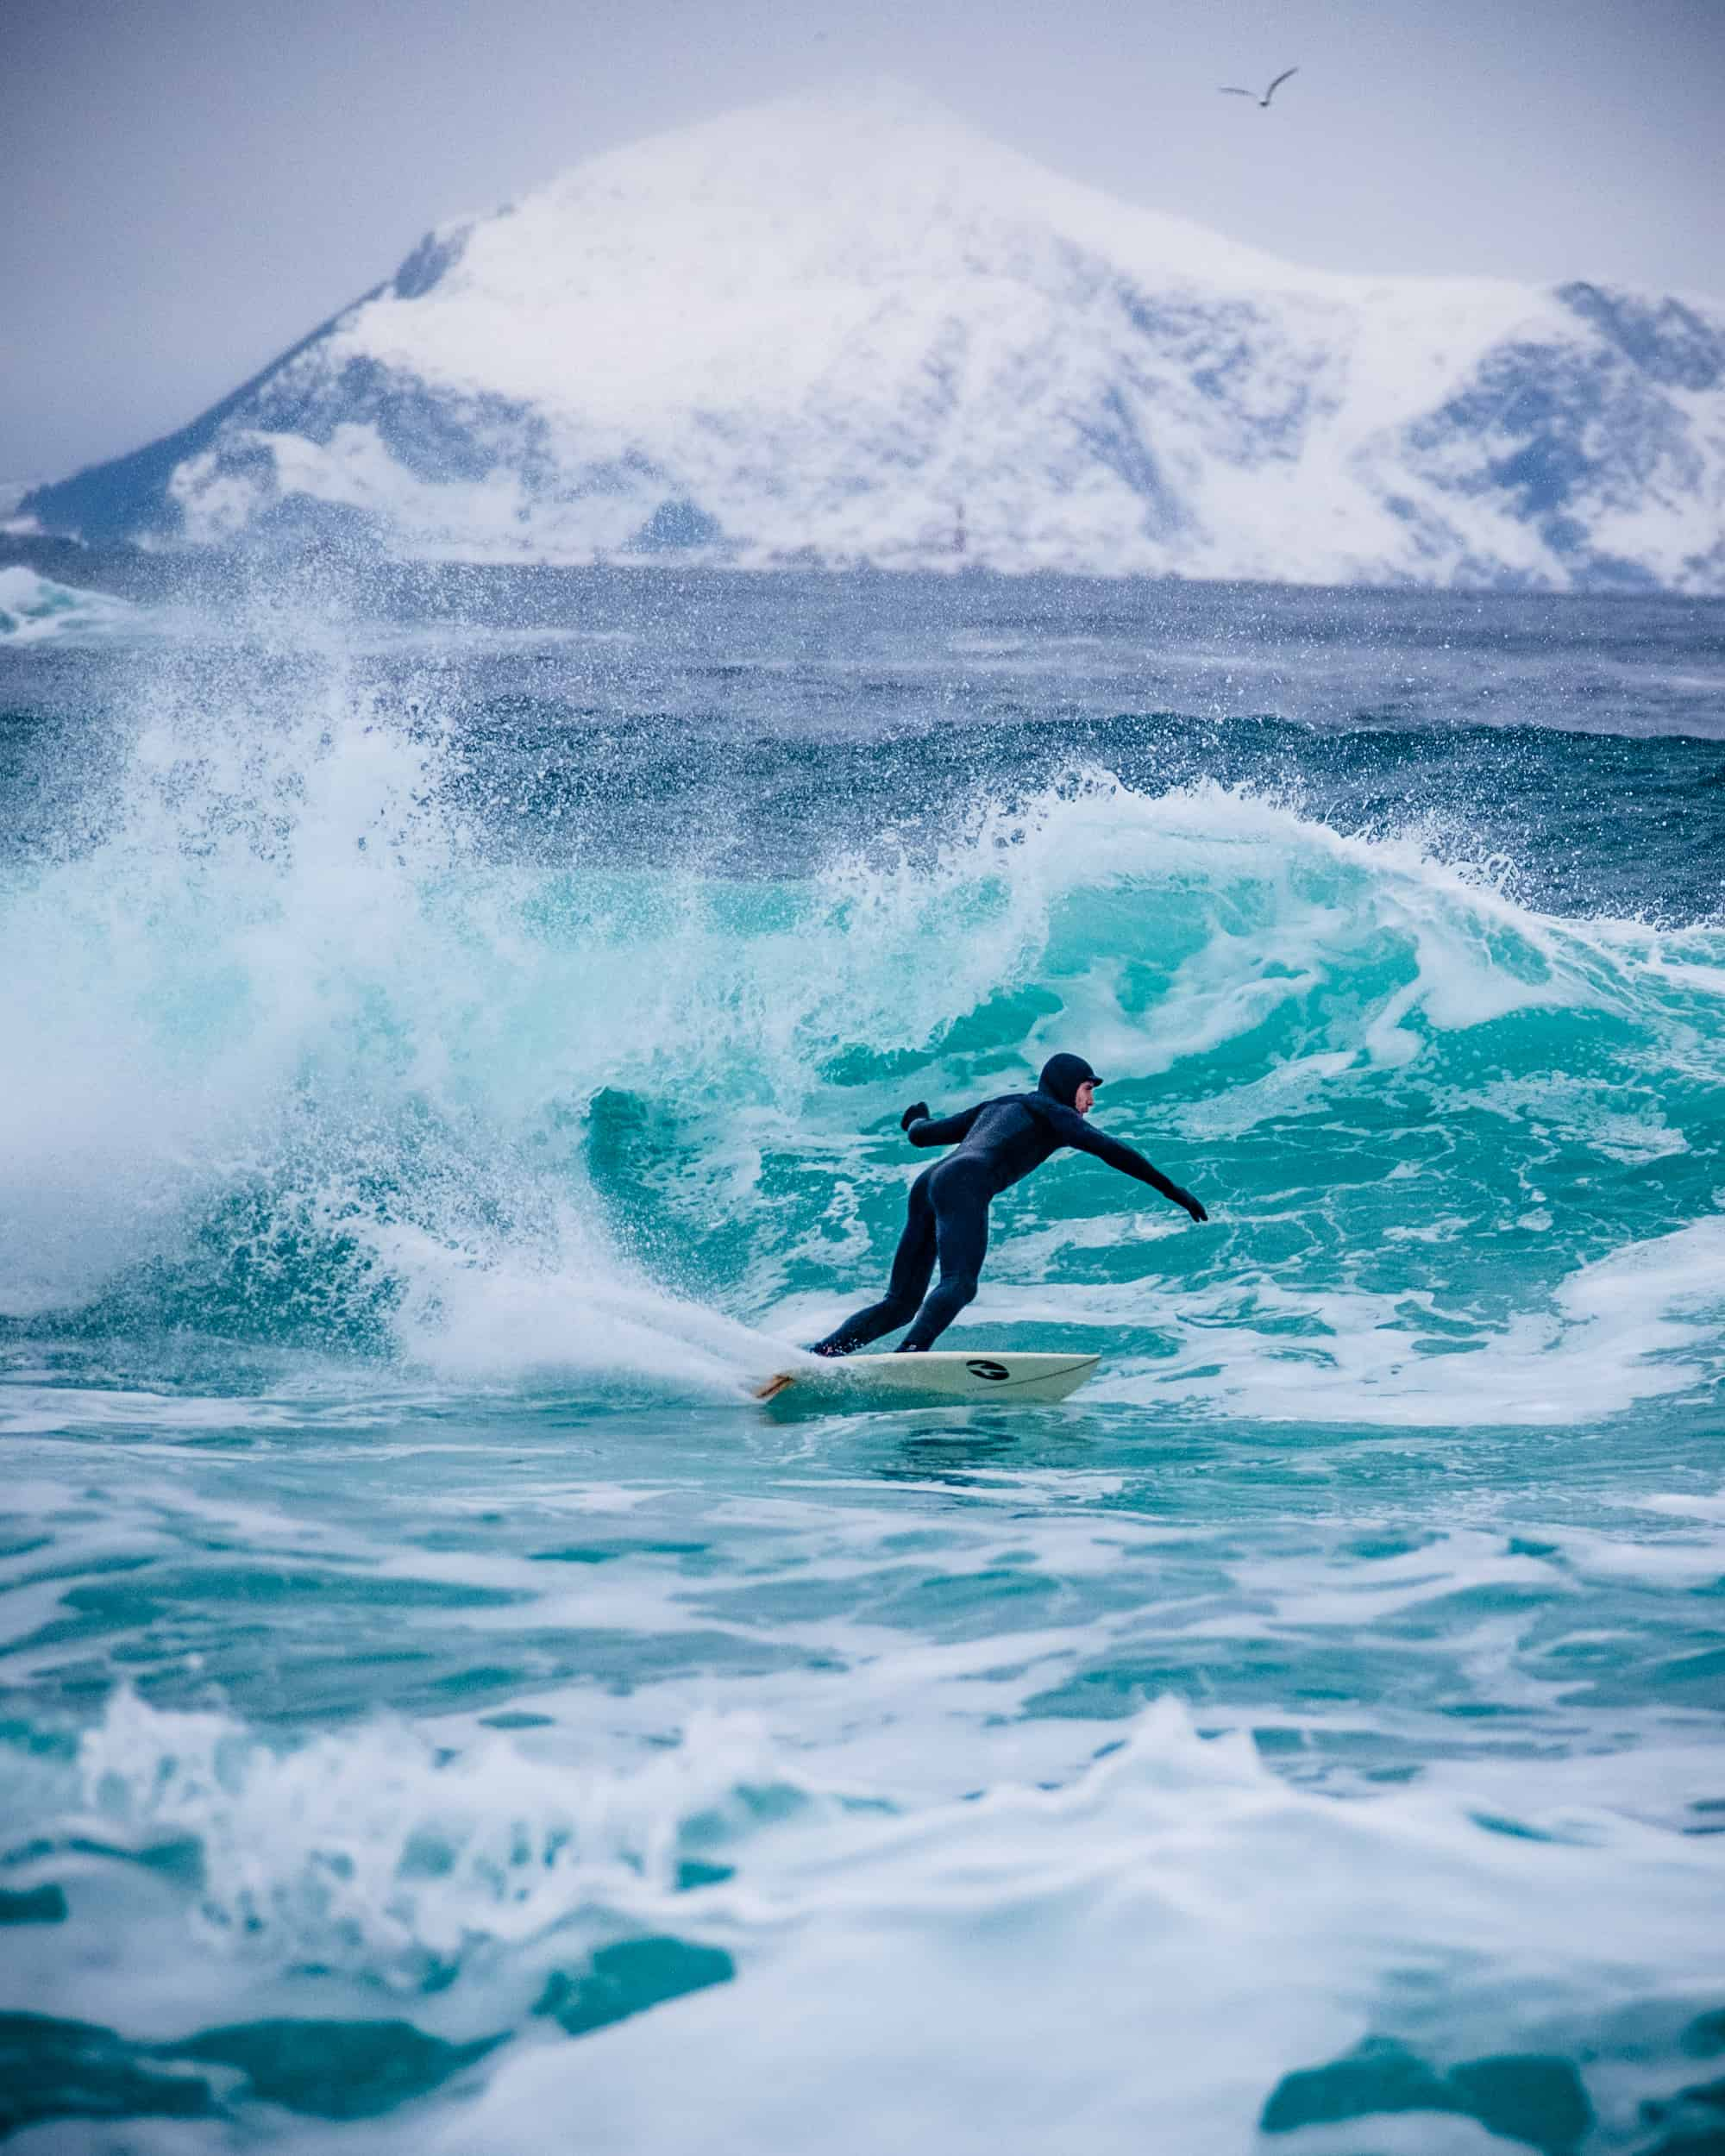 Surfing i Ålesund